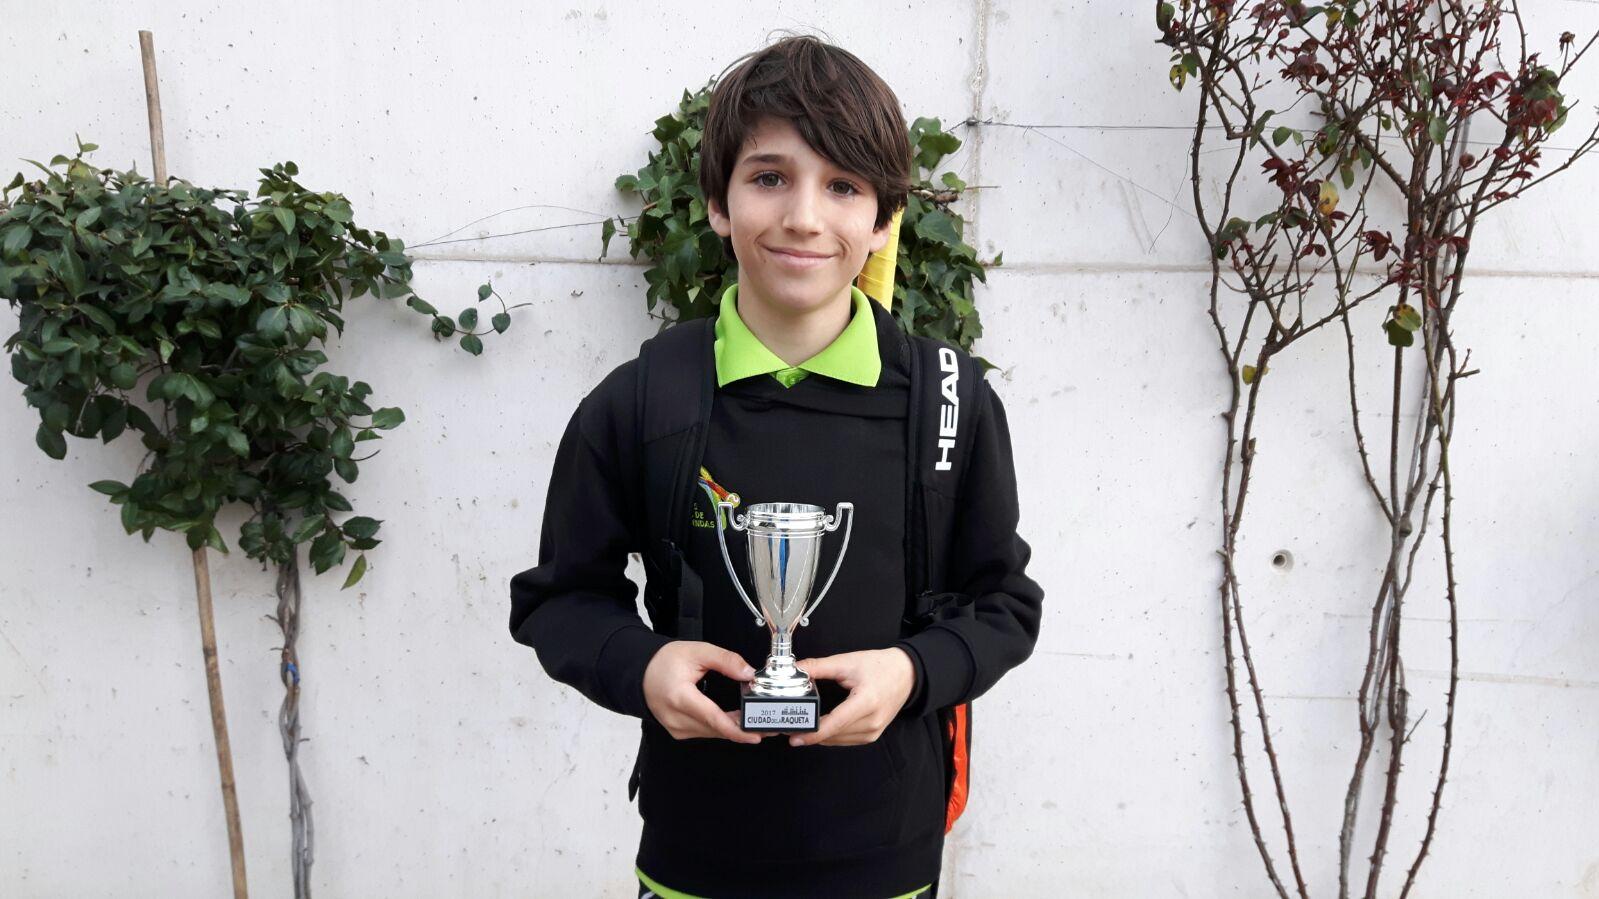 Hugo Sanz Campeón Ciudad Raqueta Febrero 2017 (1)